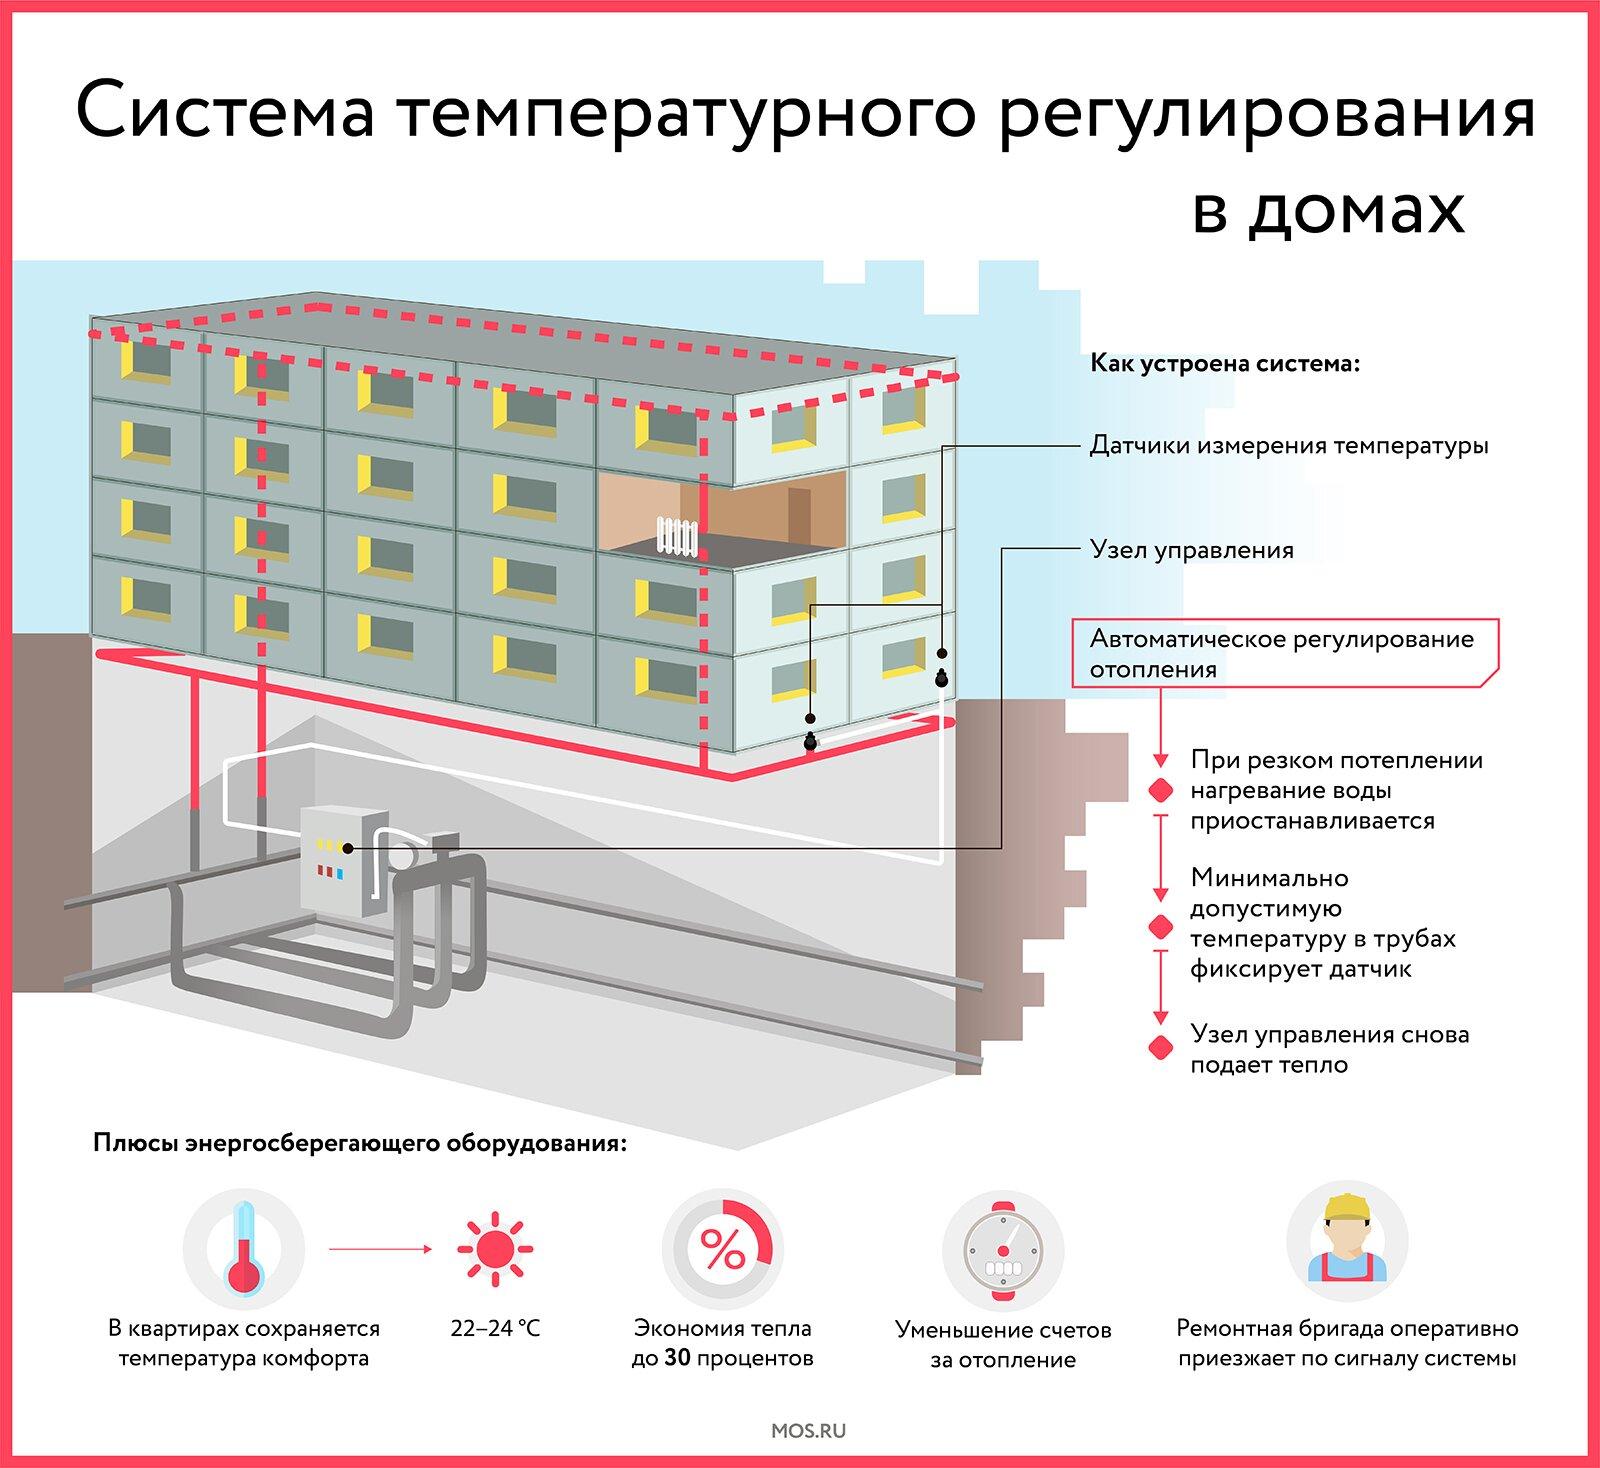 В системе отопления Москвы повысили температуру из-за похолодания